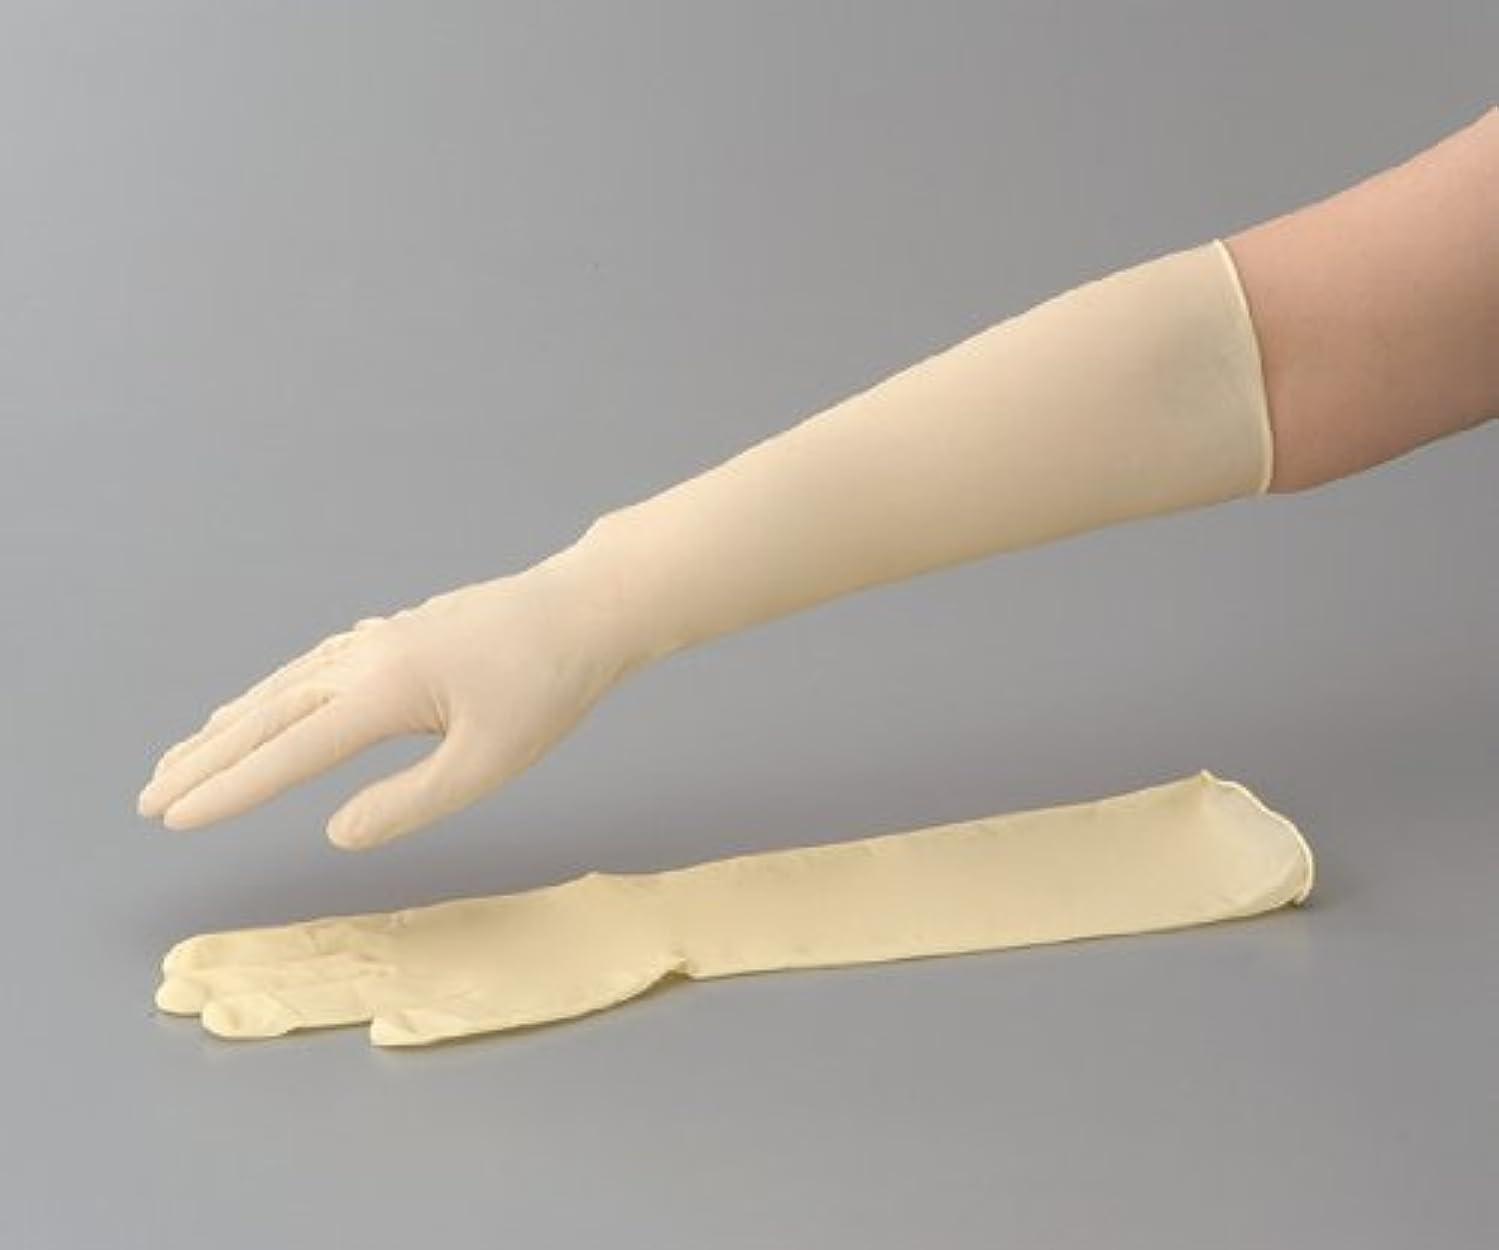 ポット辛な選出するラテックスロング手袋(スーパーロング) No.336 S 1袋(50枚入)